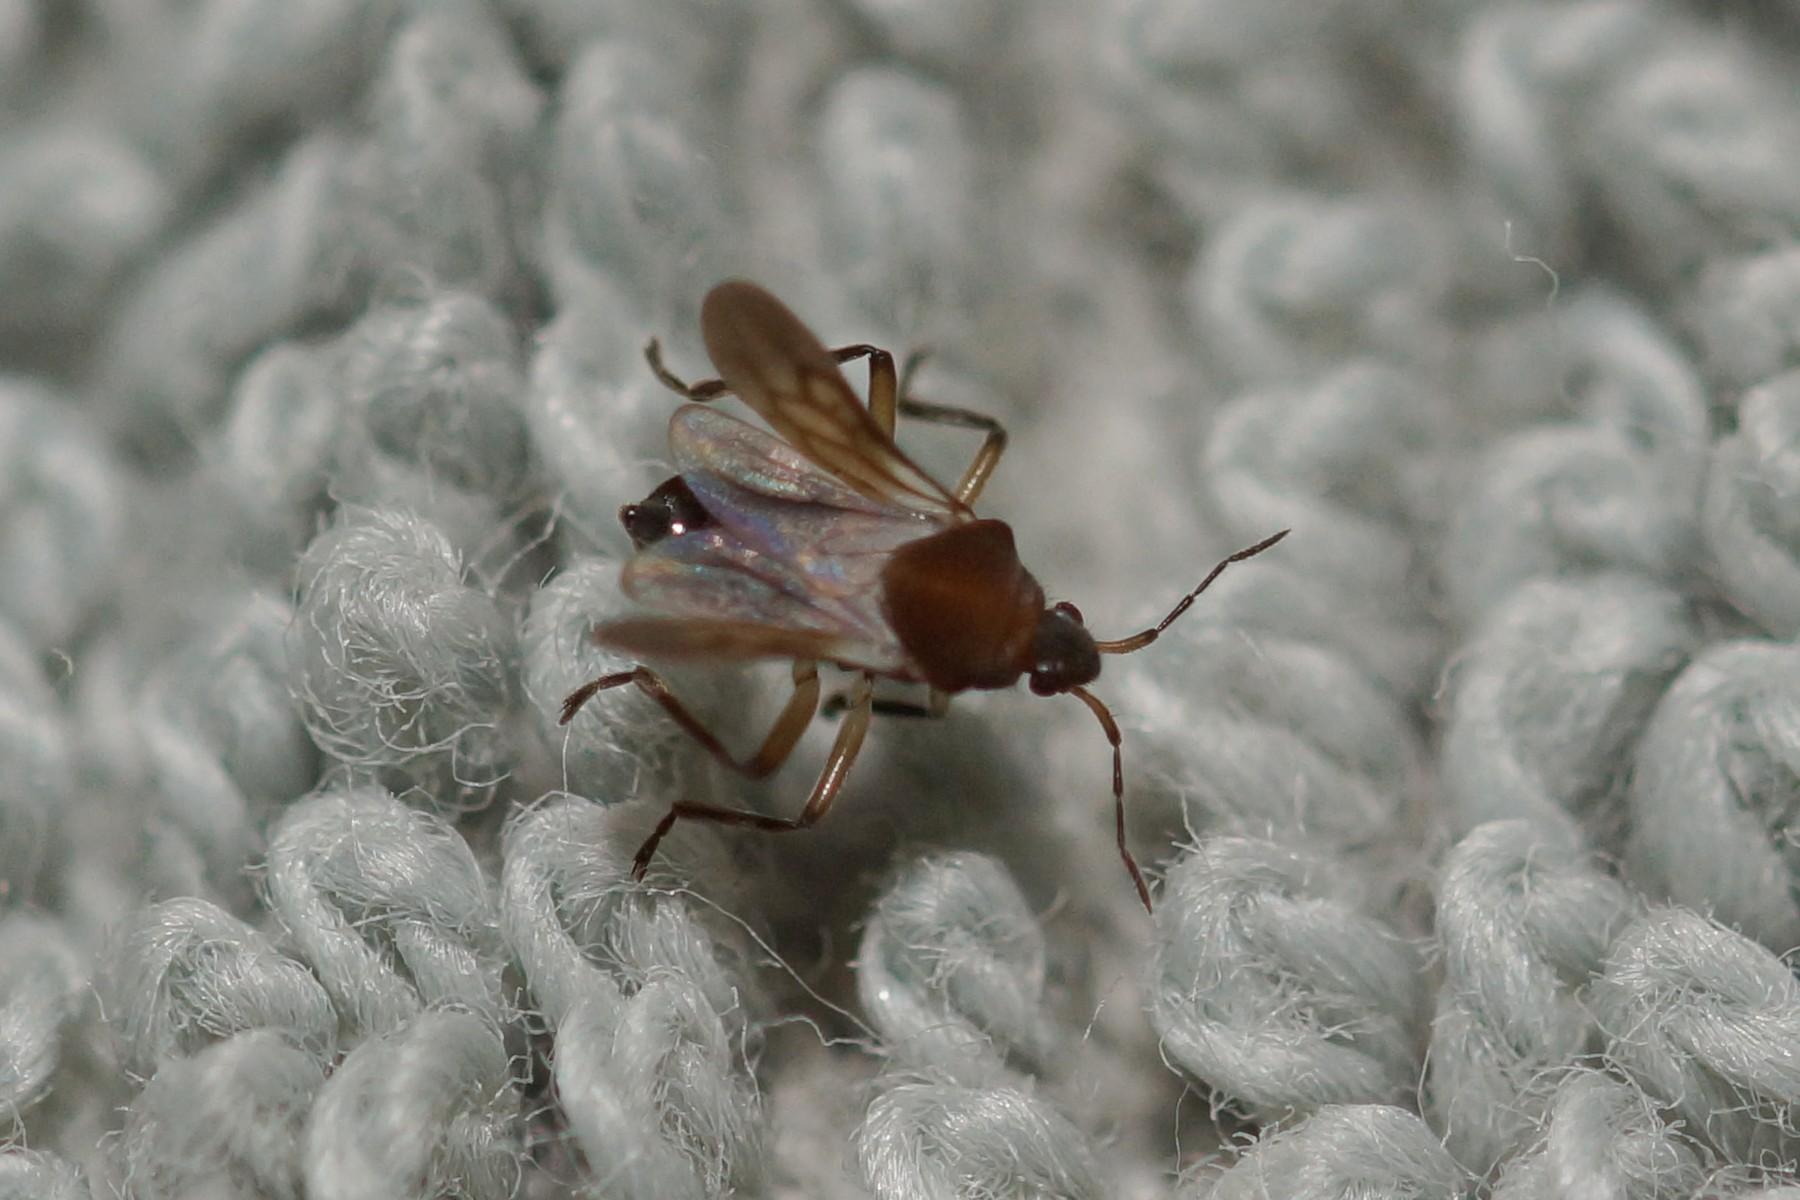 Veliidae sp. (Smaller Water Strider)